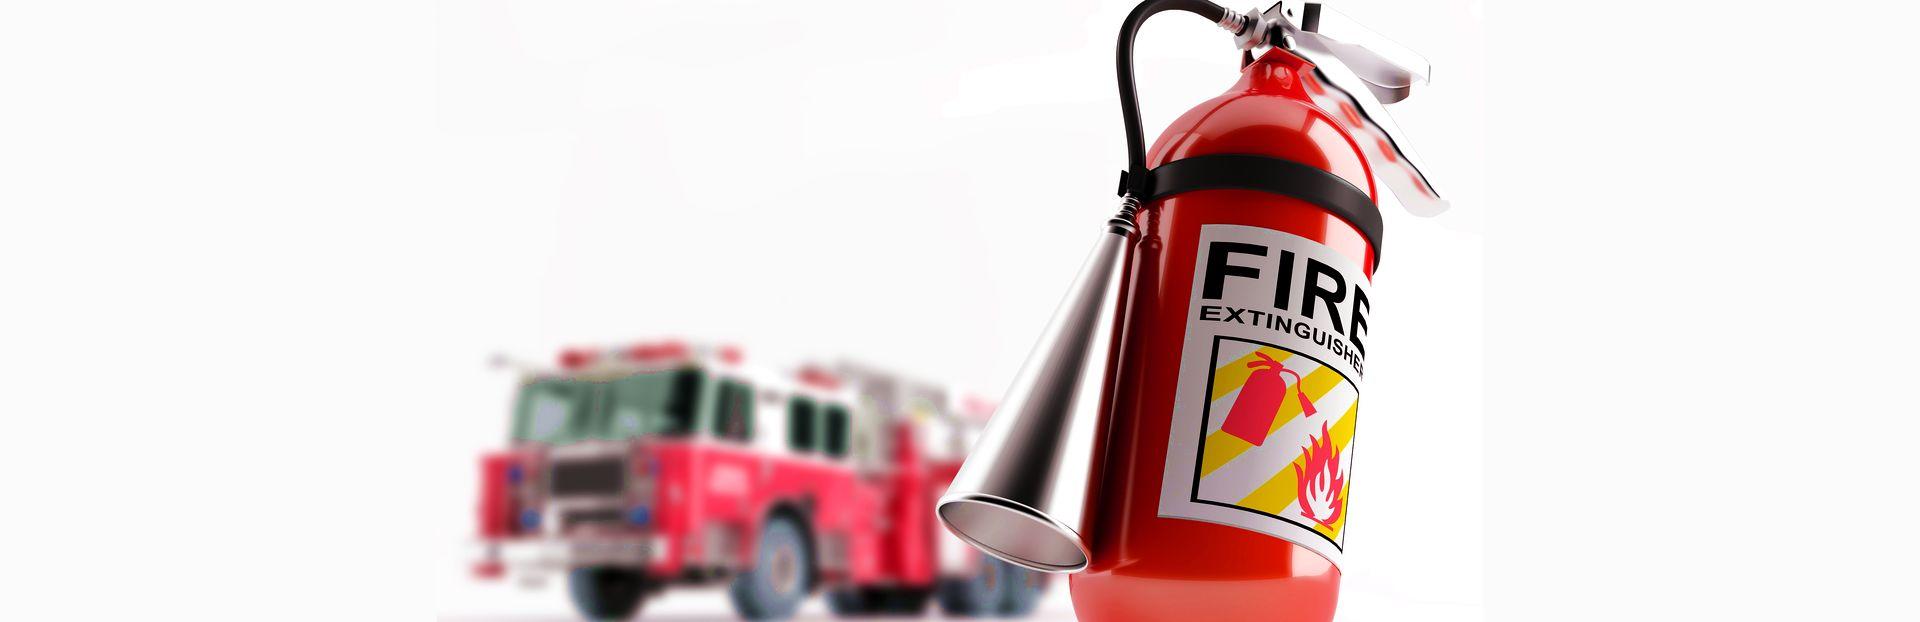 Картинка Сертификат пожарной безопасности